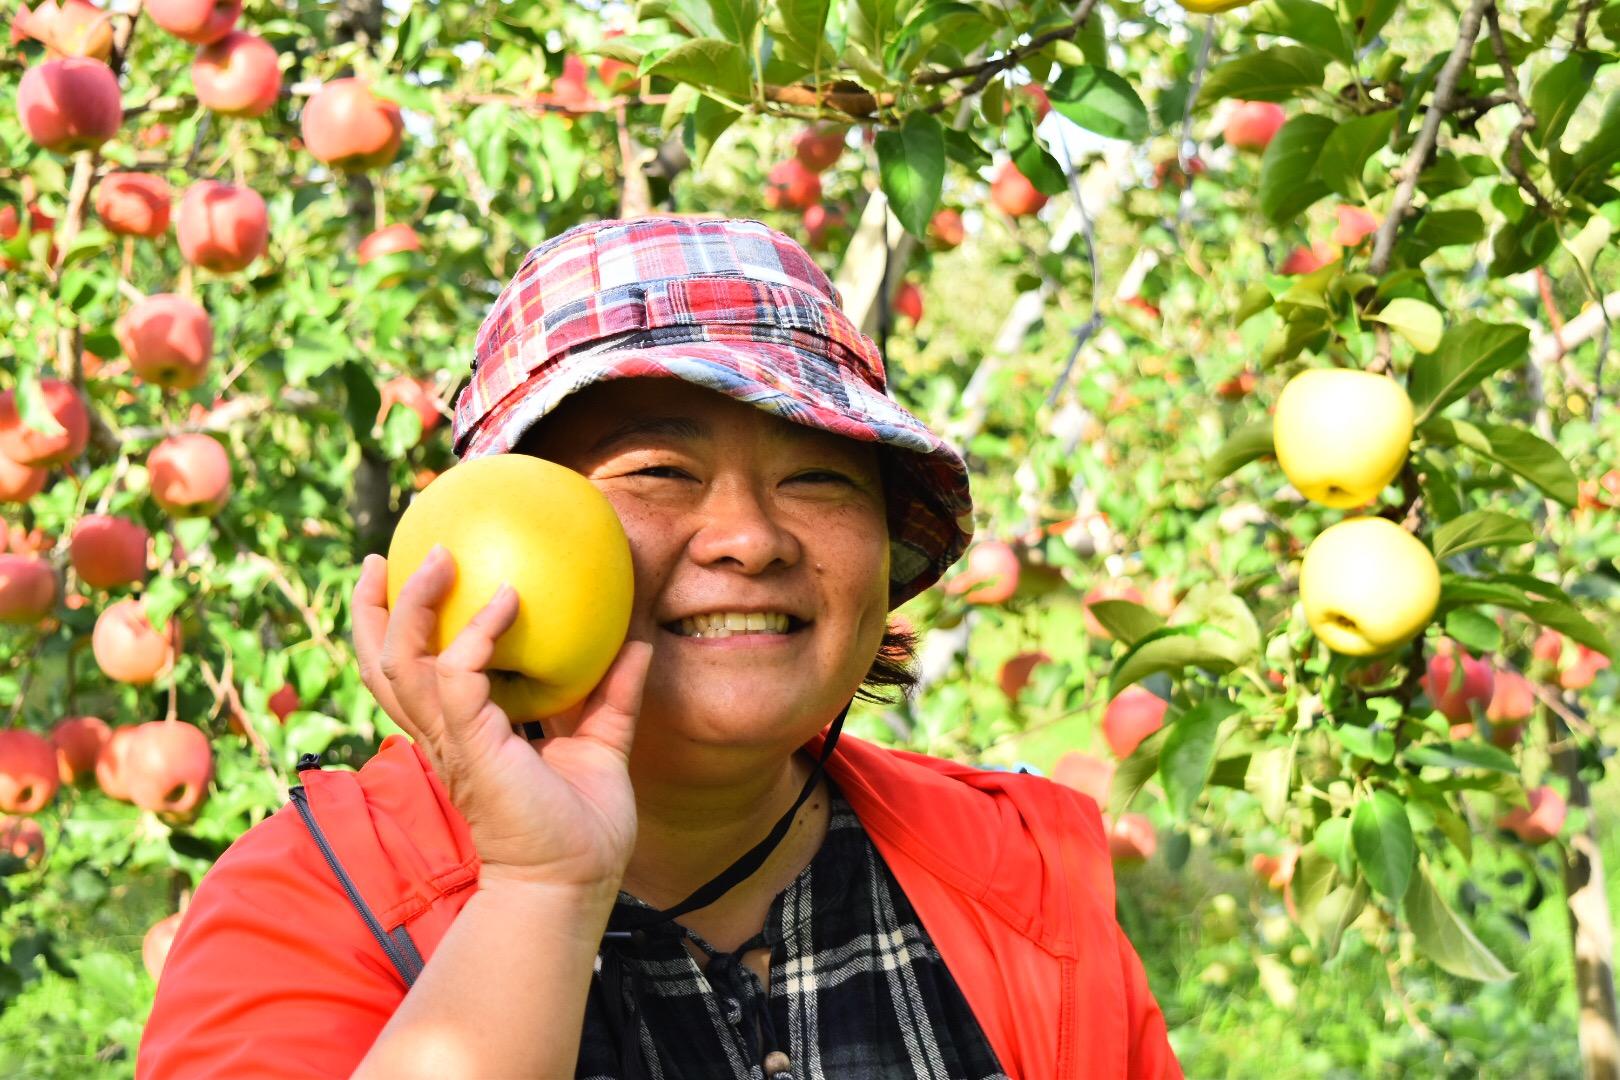 りんごを片手に微笑むゴッドマザーゆみ